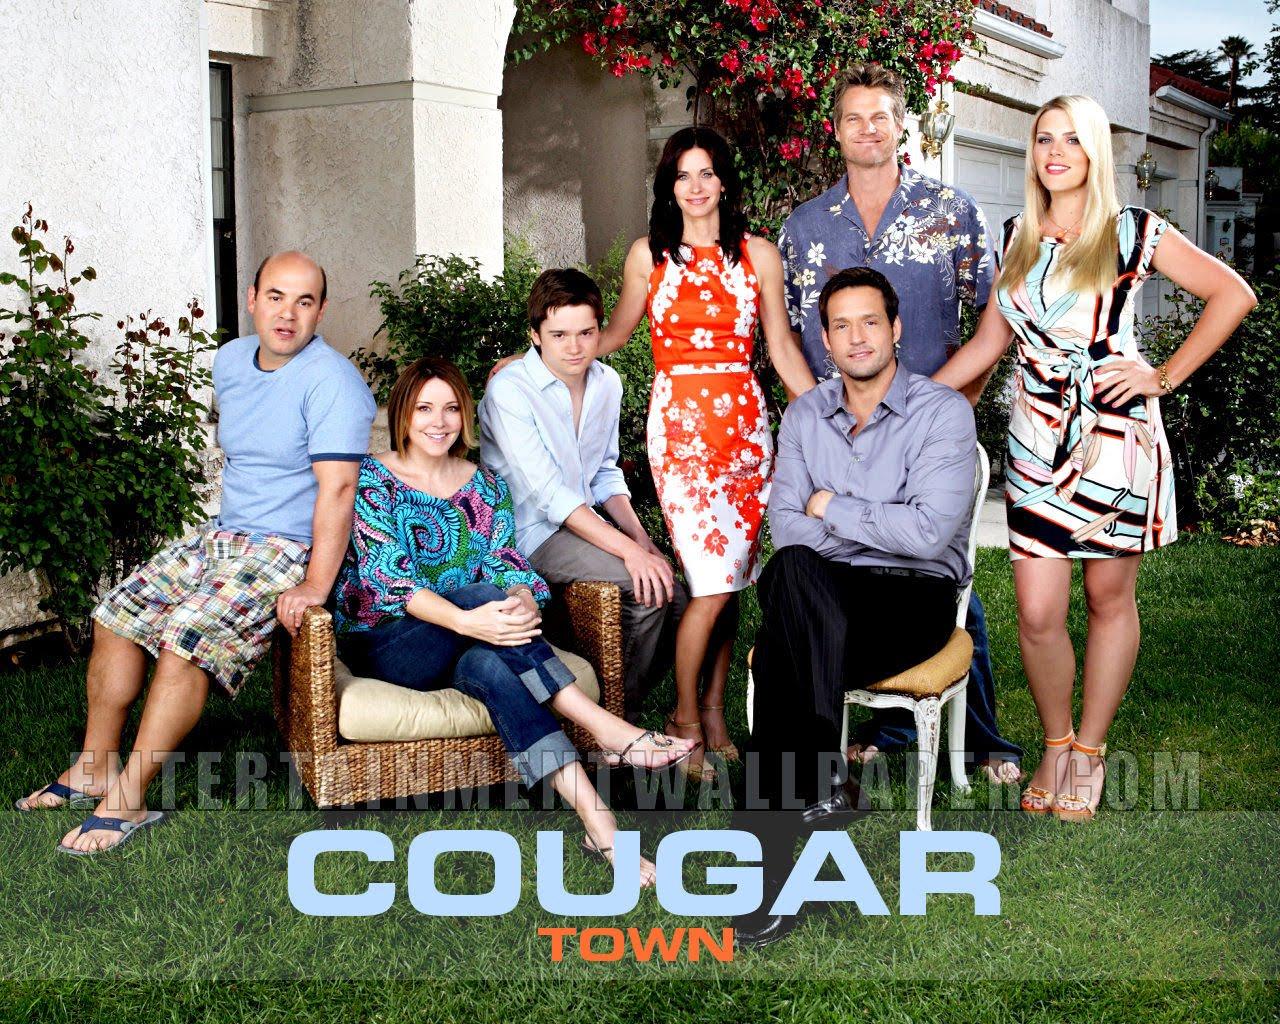 http://1.bp.blogspot.com/_ZjOgROPrvLs/TA-yZthx5SI/AAAAAAAAAHw/VxOwuEE7jvY/s1600/tv_cougar_town01.jpg